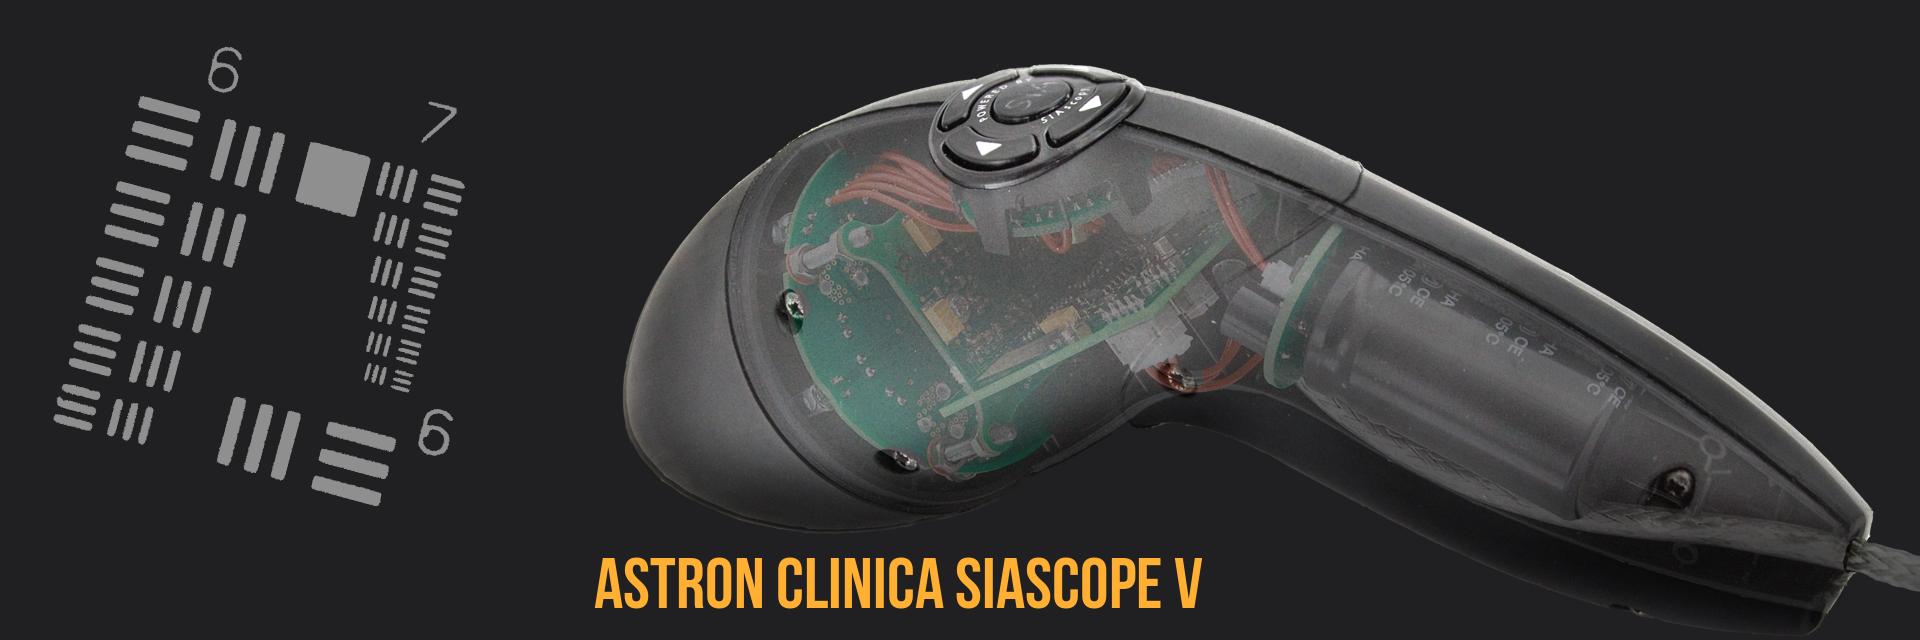 SIAscope V multi-spectral skin imaging camera